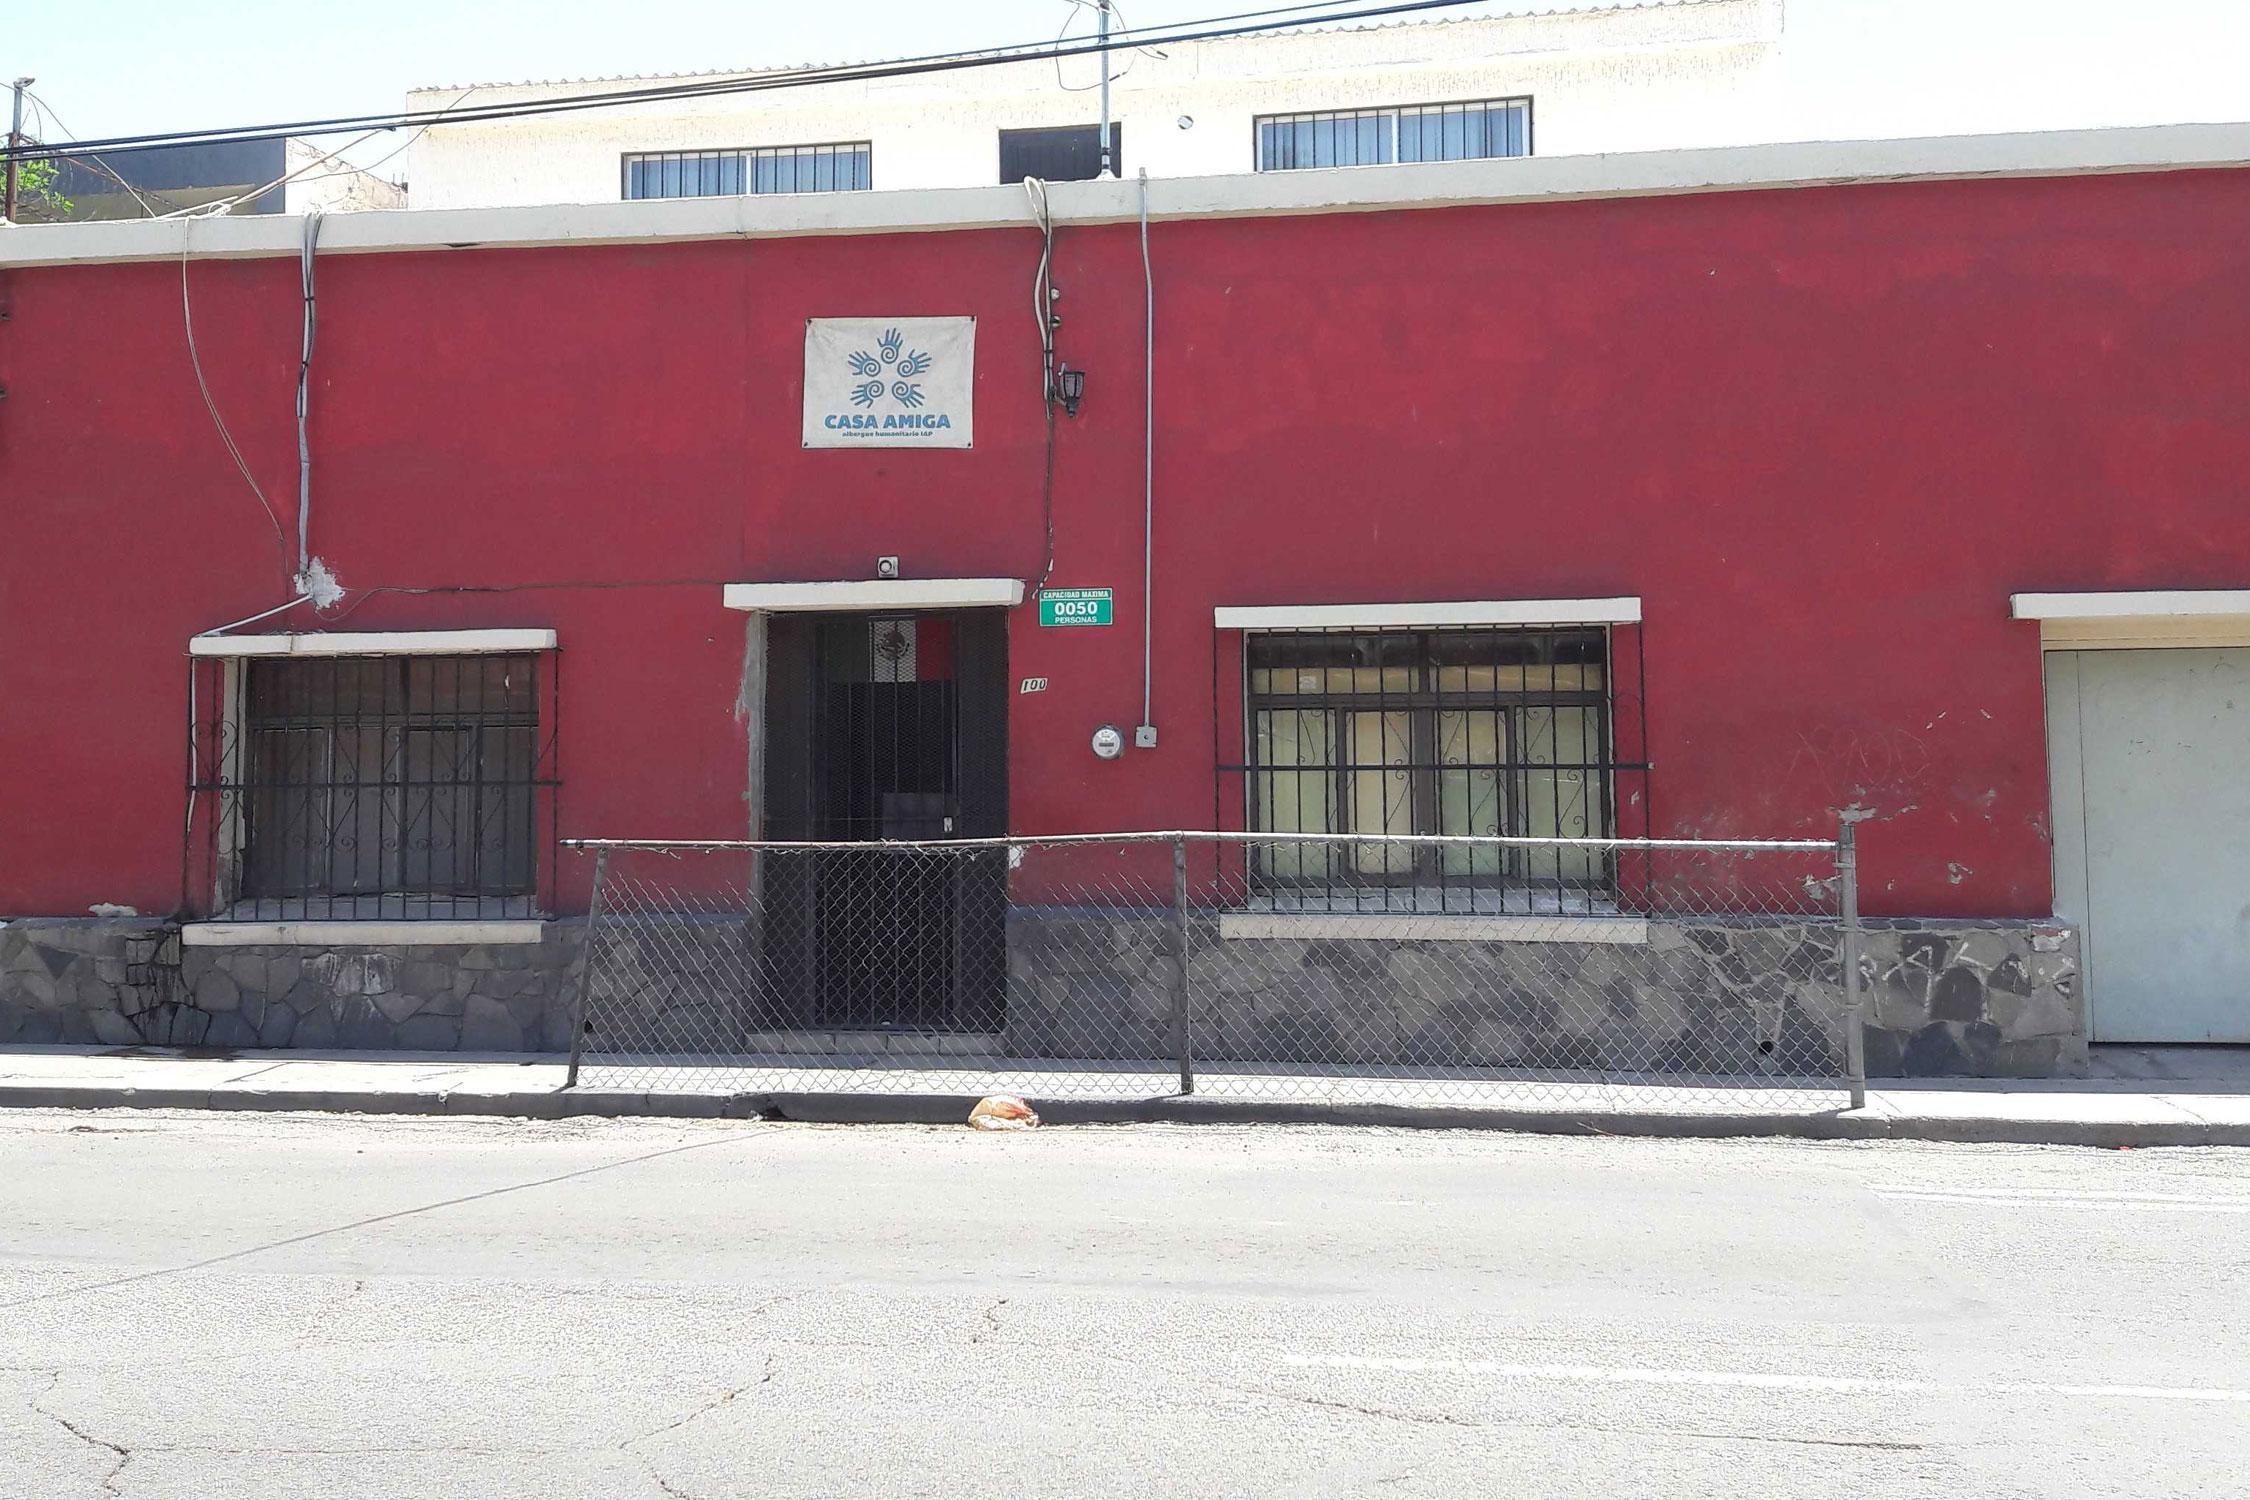 Una Casa Amiga para inmigrantes y personas sin hogar